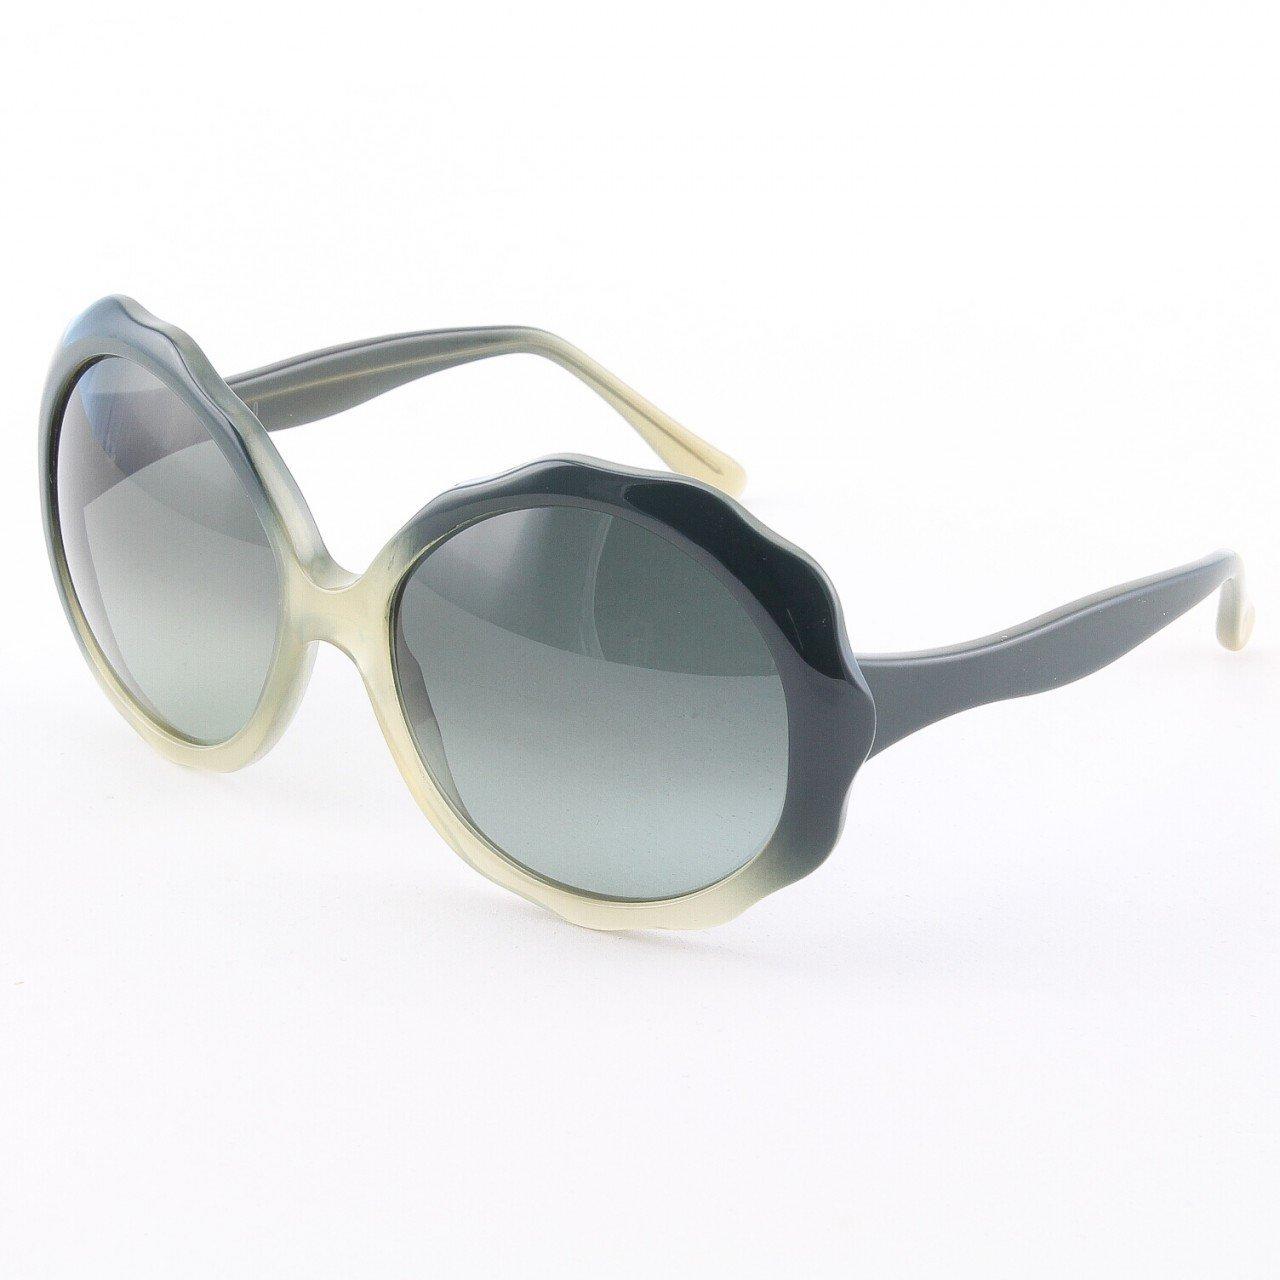 Marni MA131S Sunglasses Col. 15 Gray with Gray Gradient Lenses